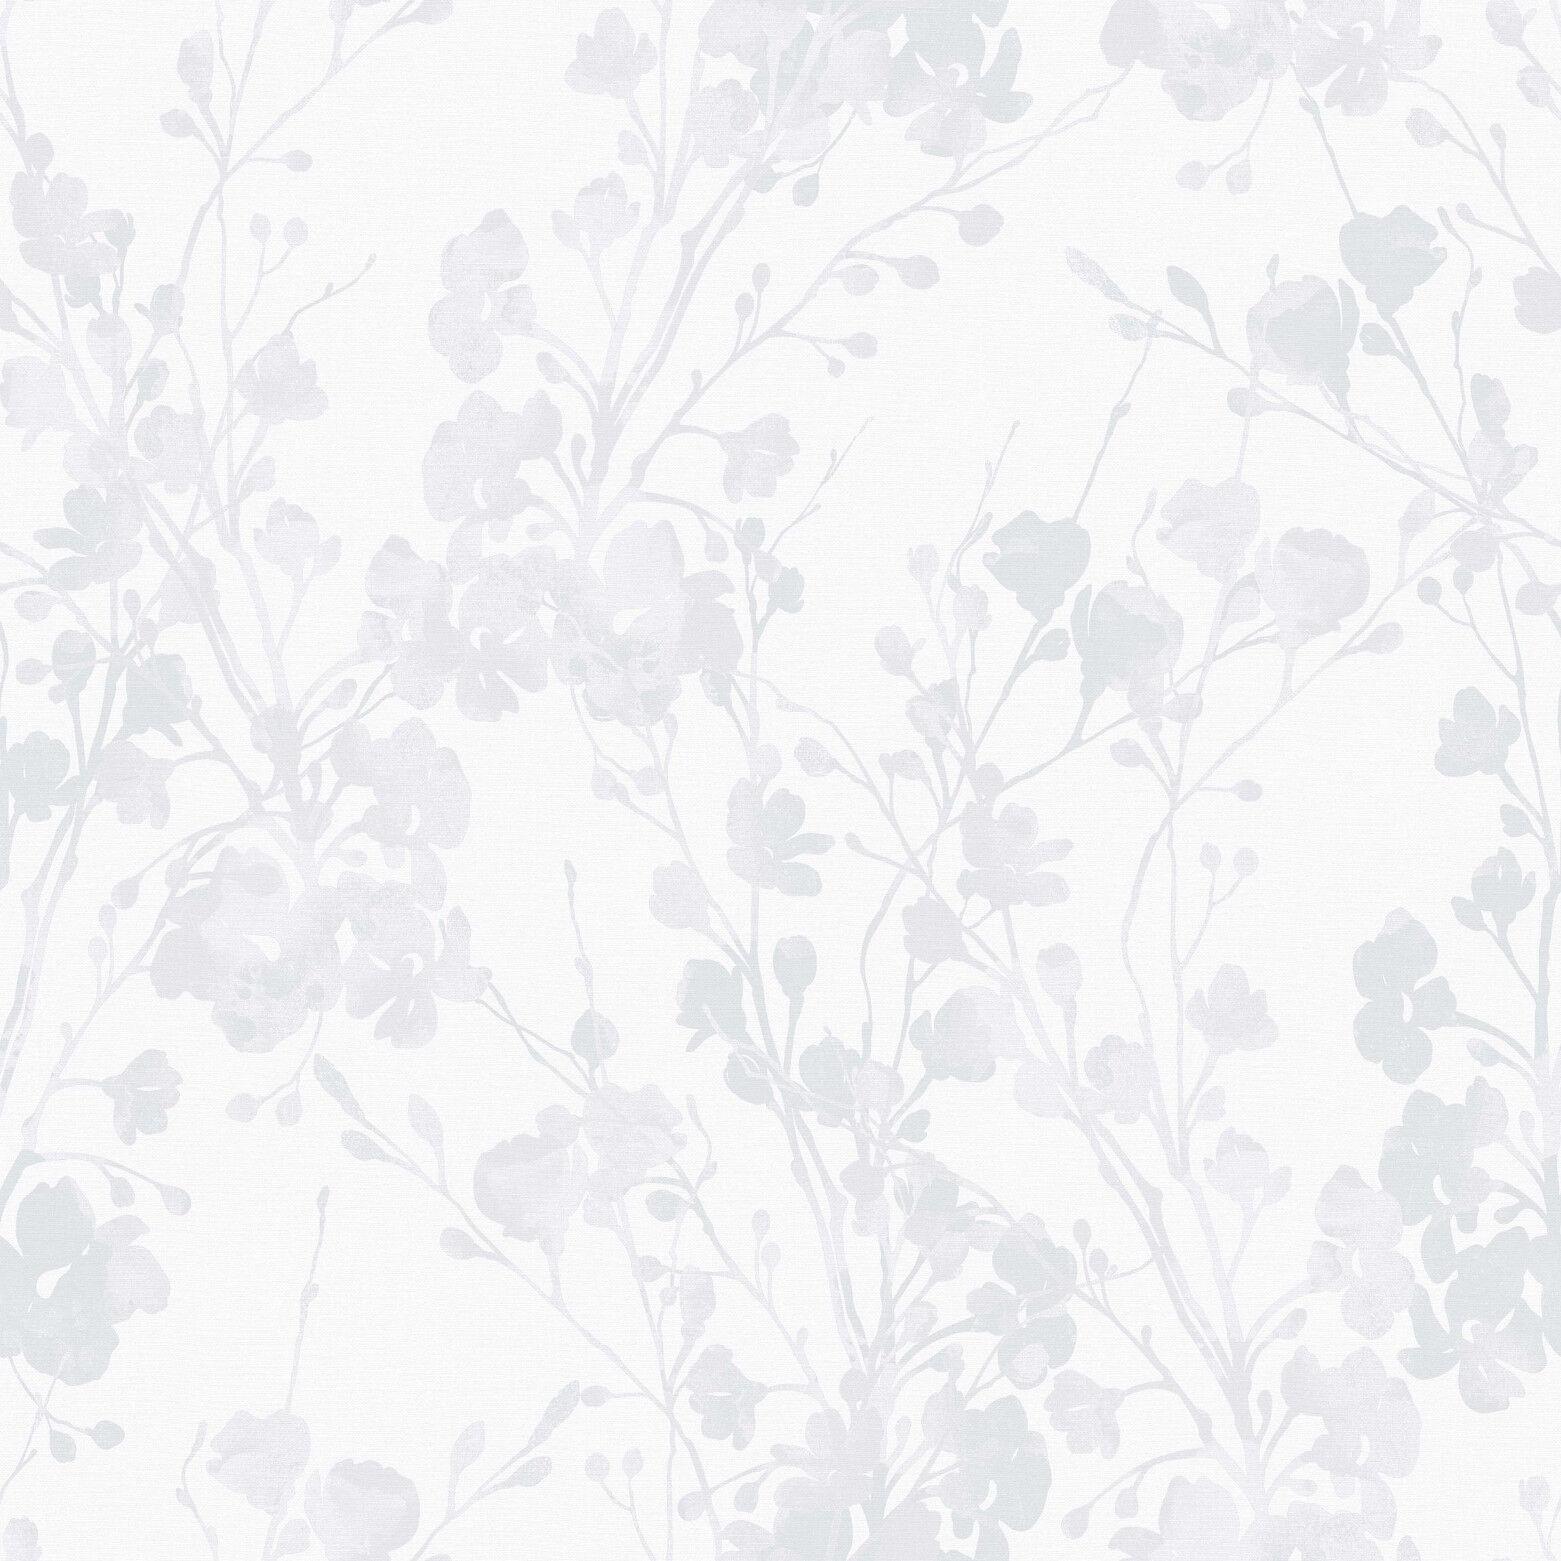 Smita Tapete Sherazade SH-20060 Blüten Blätter Vliestapete Vinyltapete Vlies